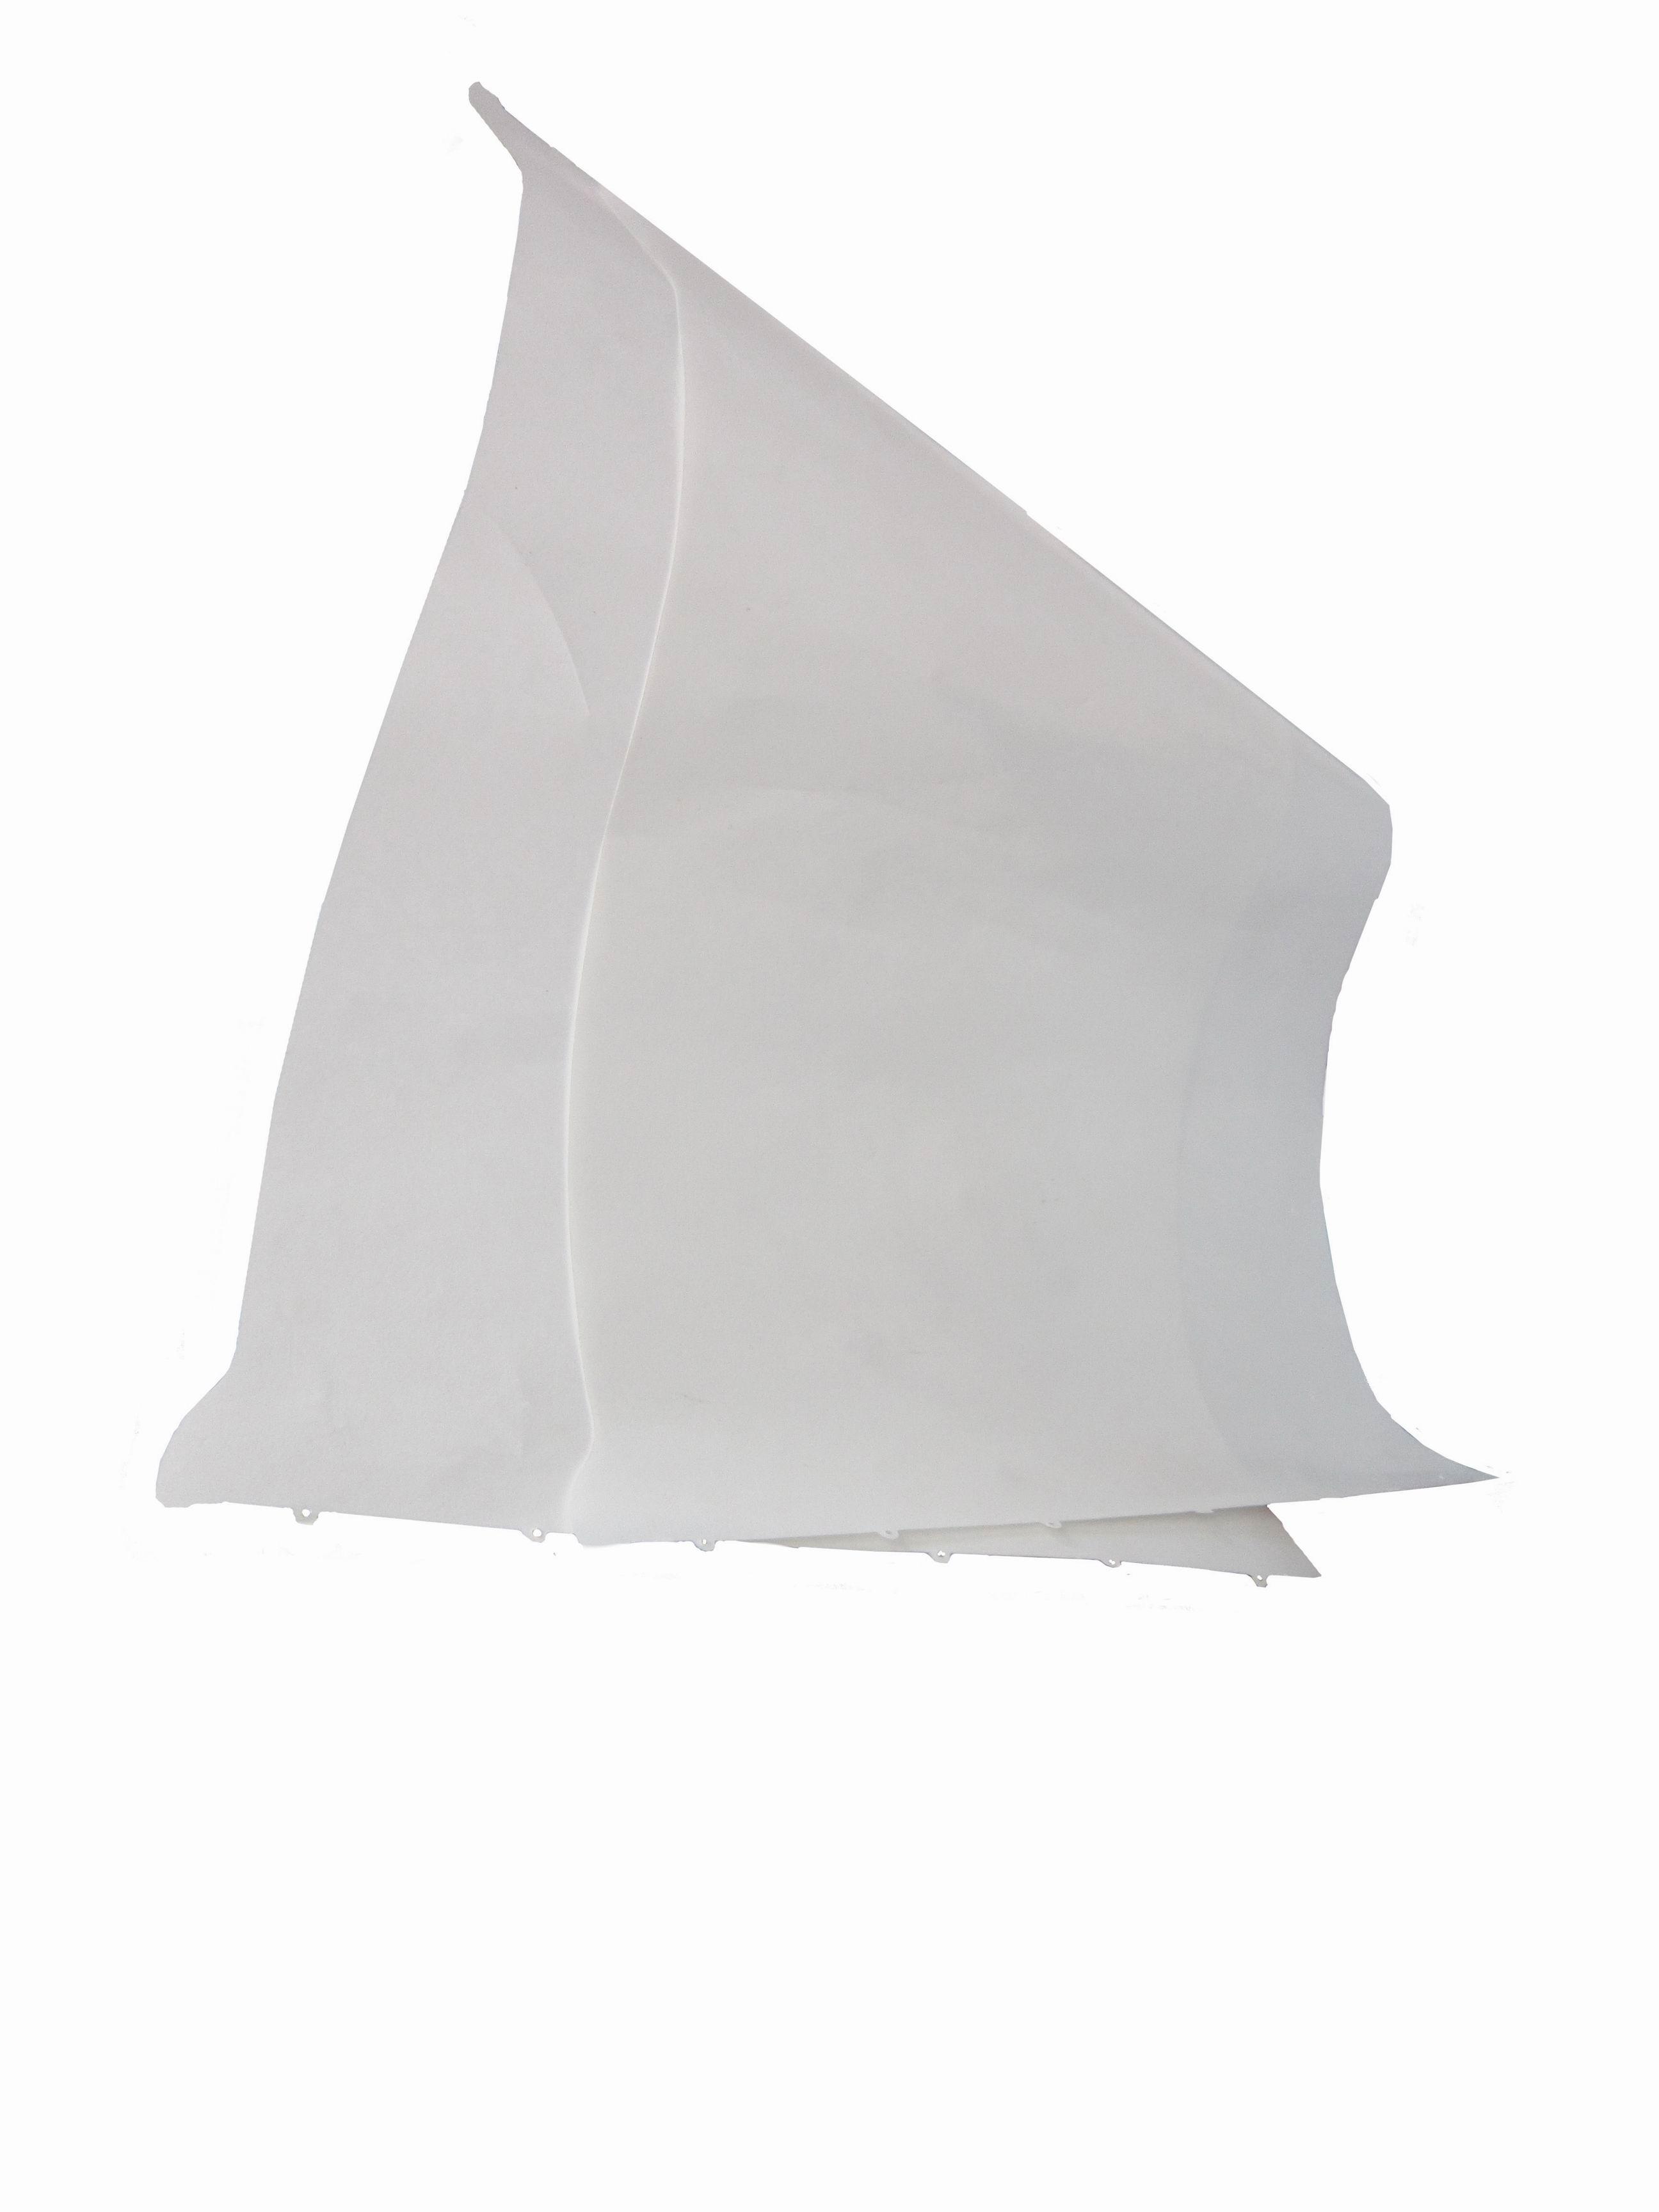 PS, PVDF Membrane